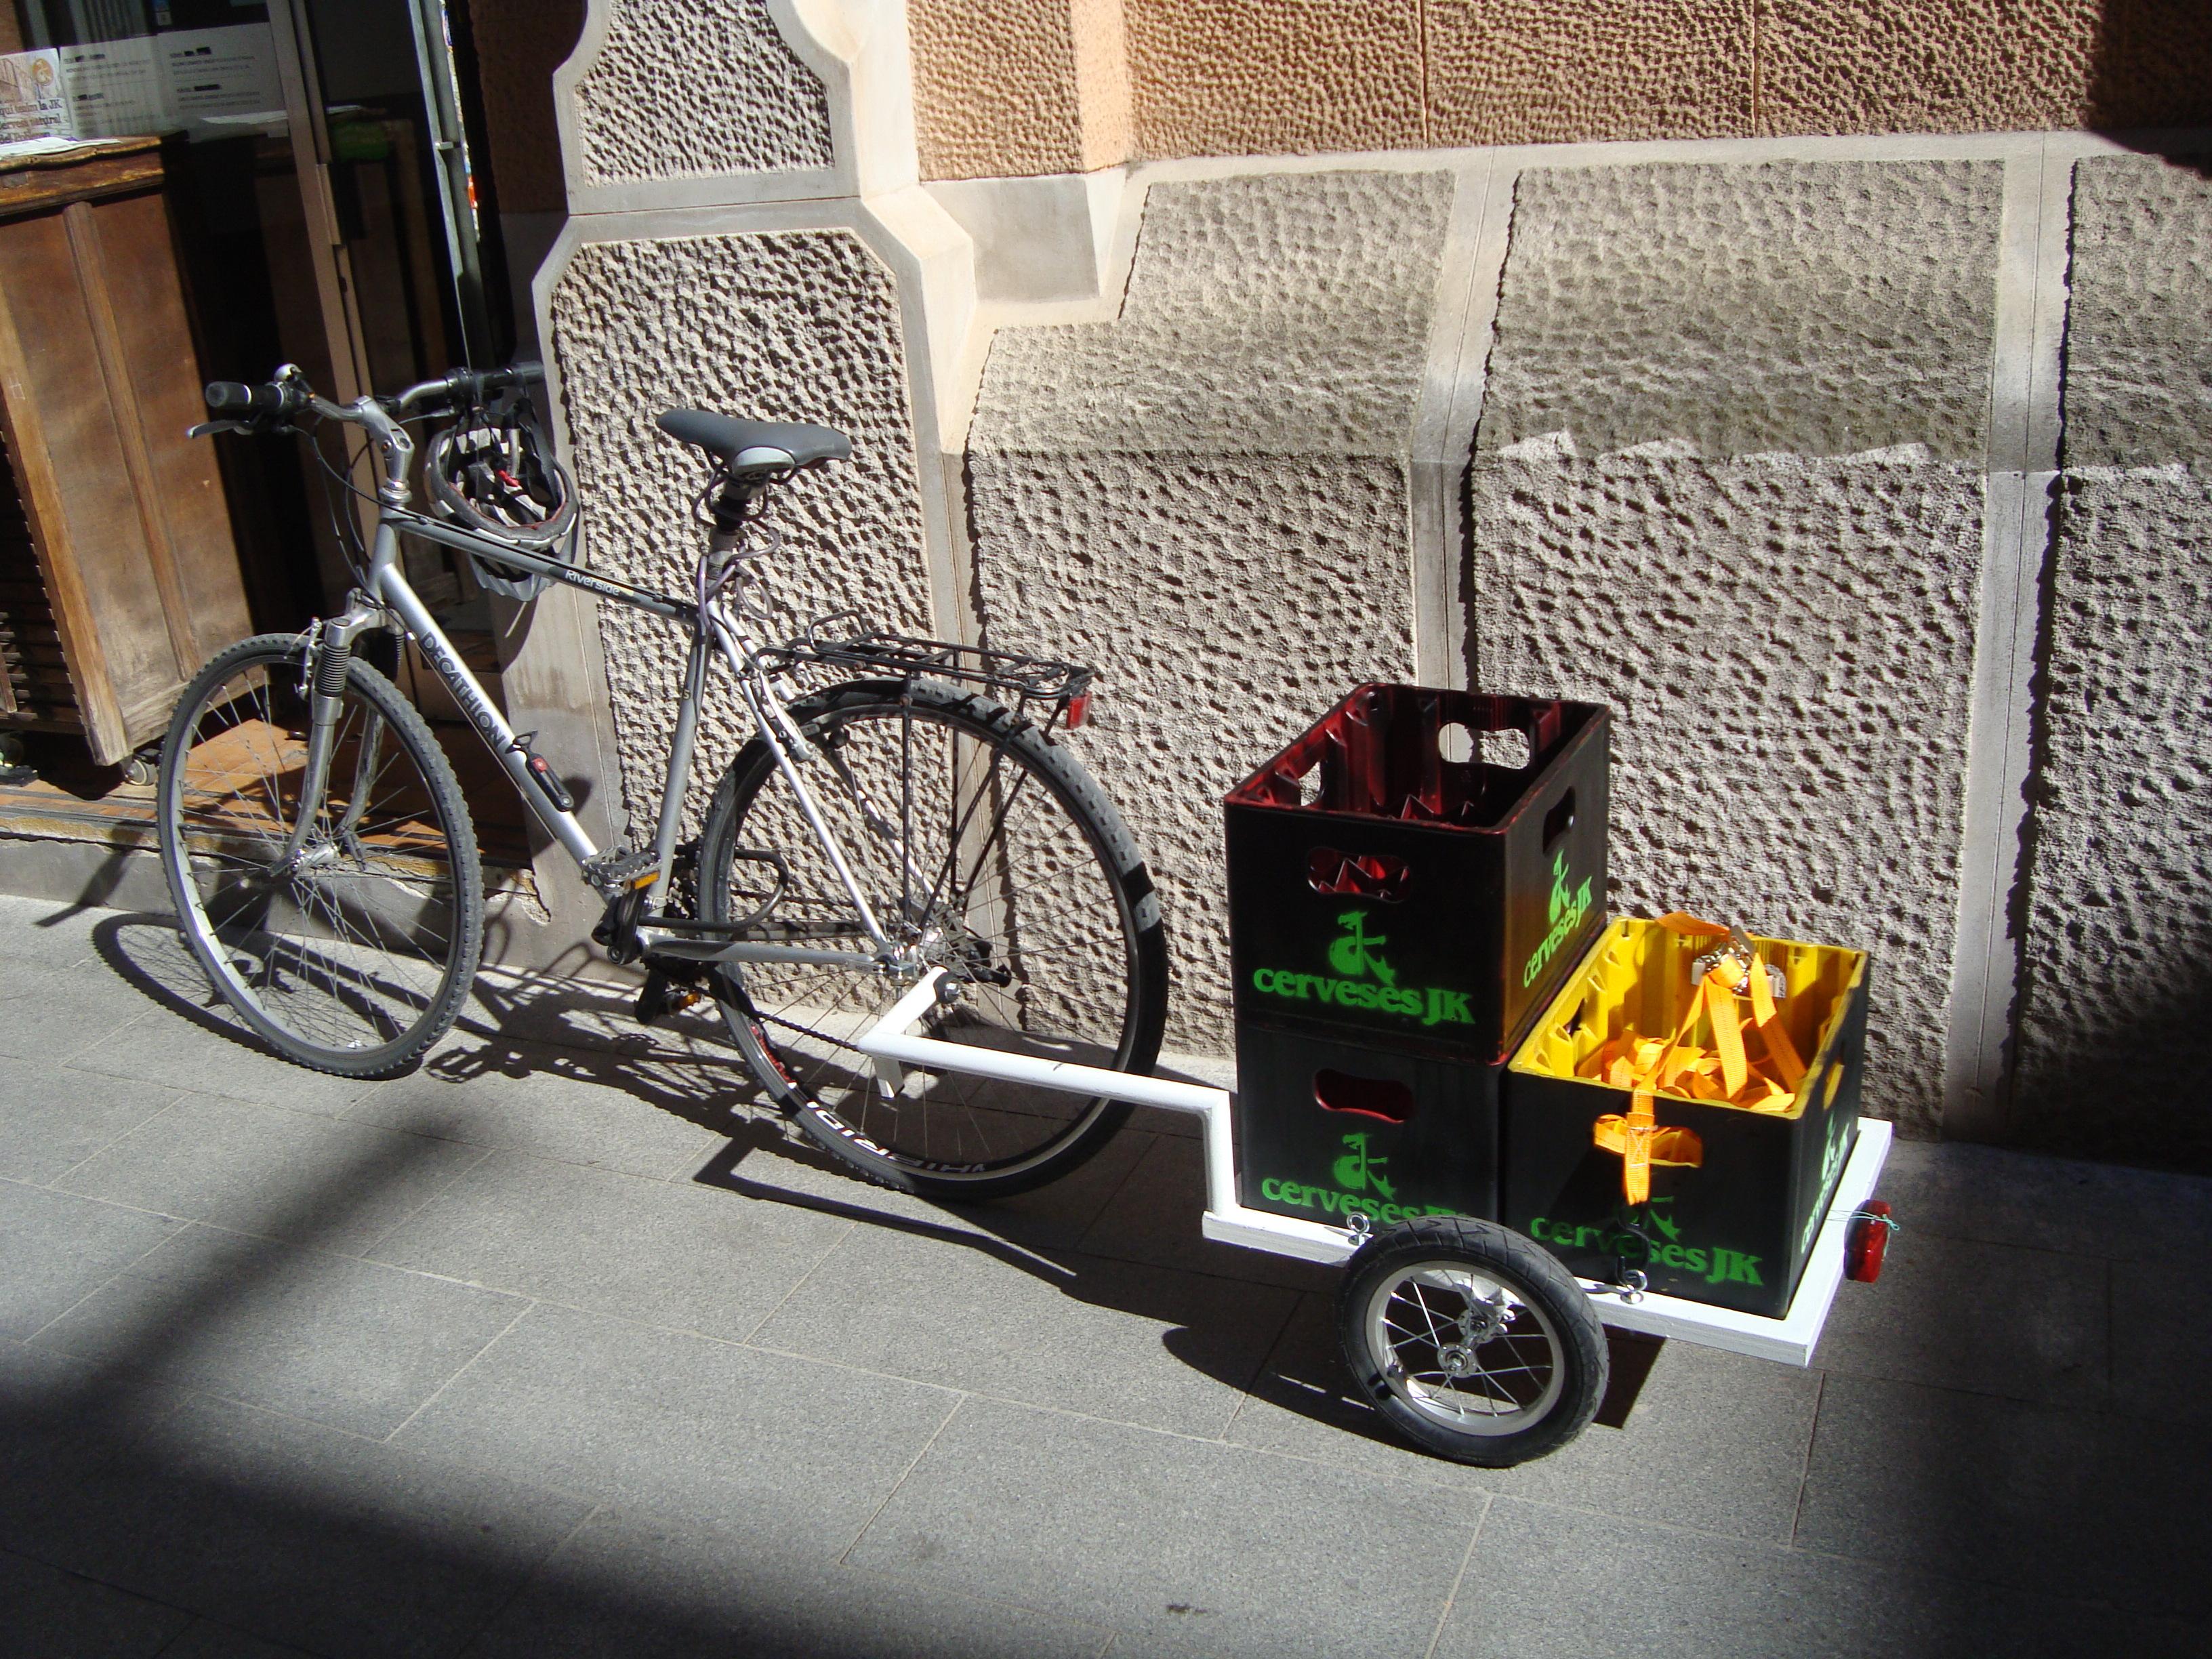 Part de les nostres cerveses les distribuïm en bicicleta, de tal forma que la nostra birra, a més de cervesa ecològicca sigui sostenible.